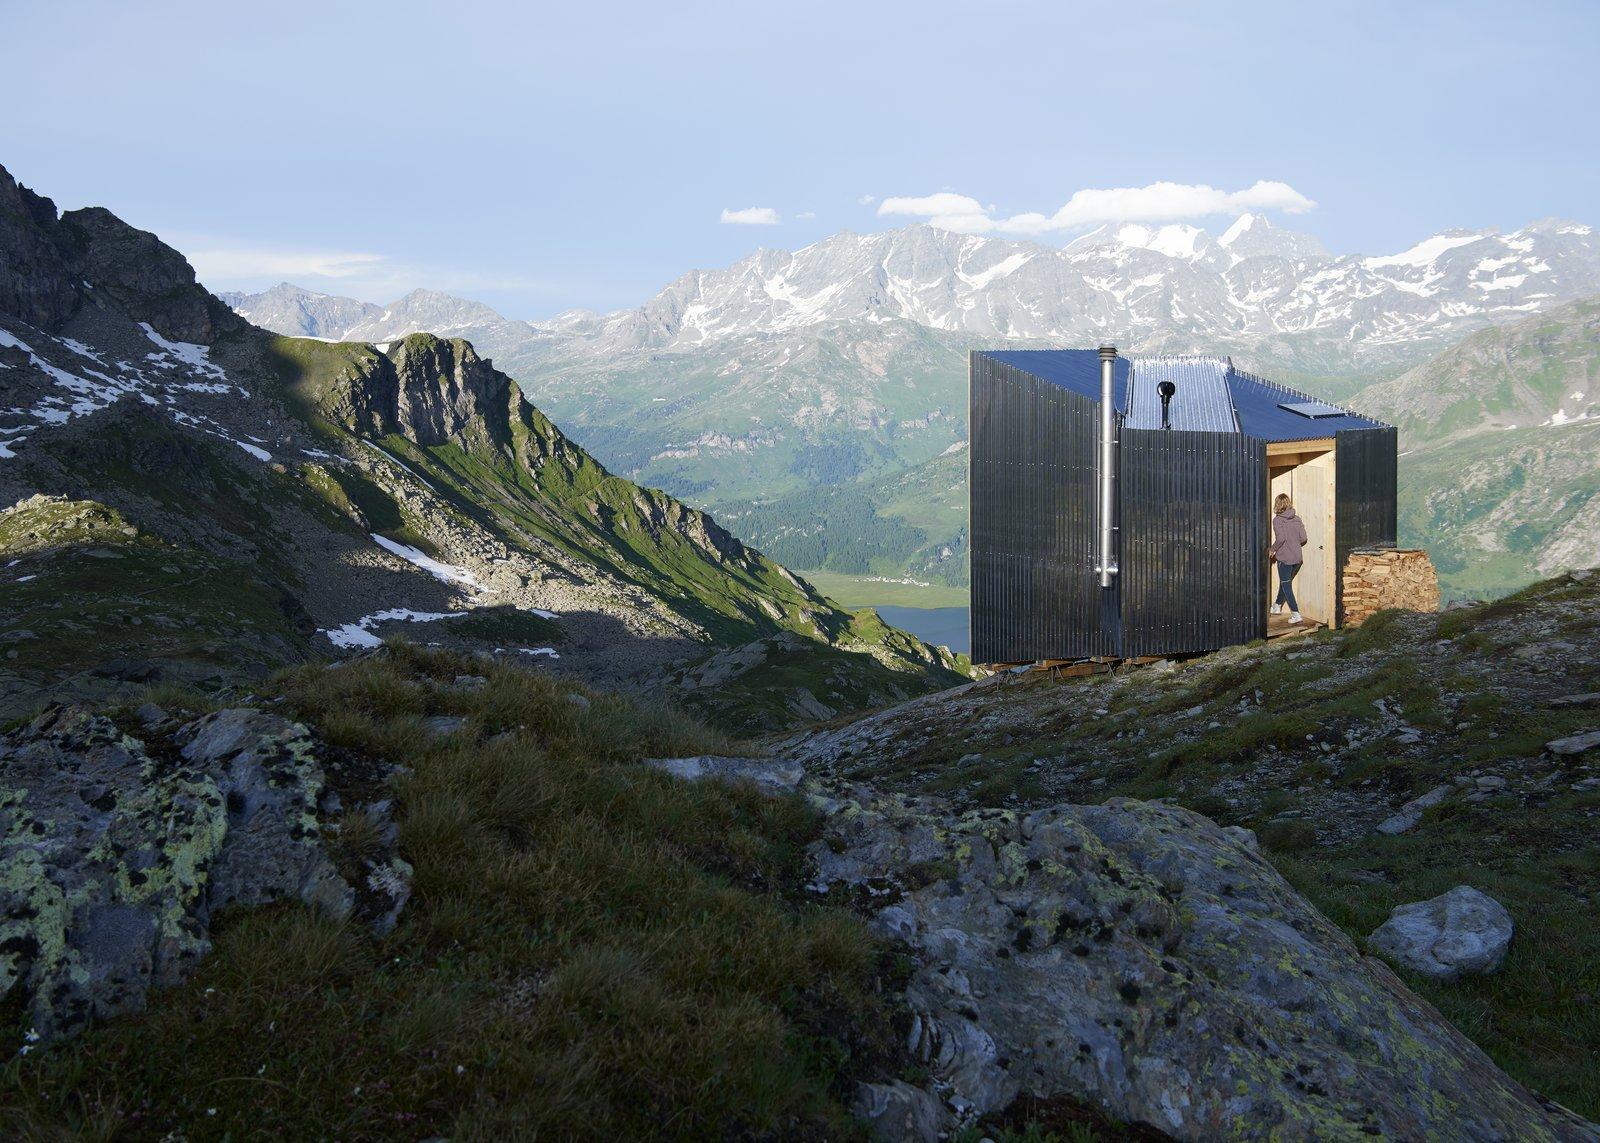 On Mountain Hut exterior